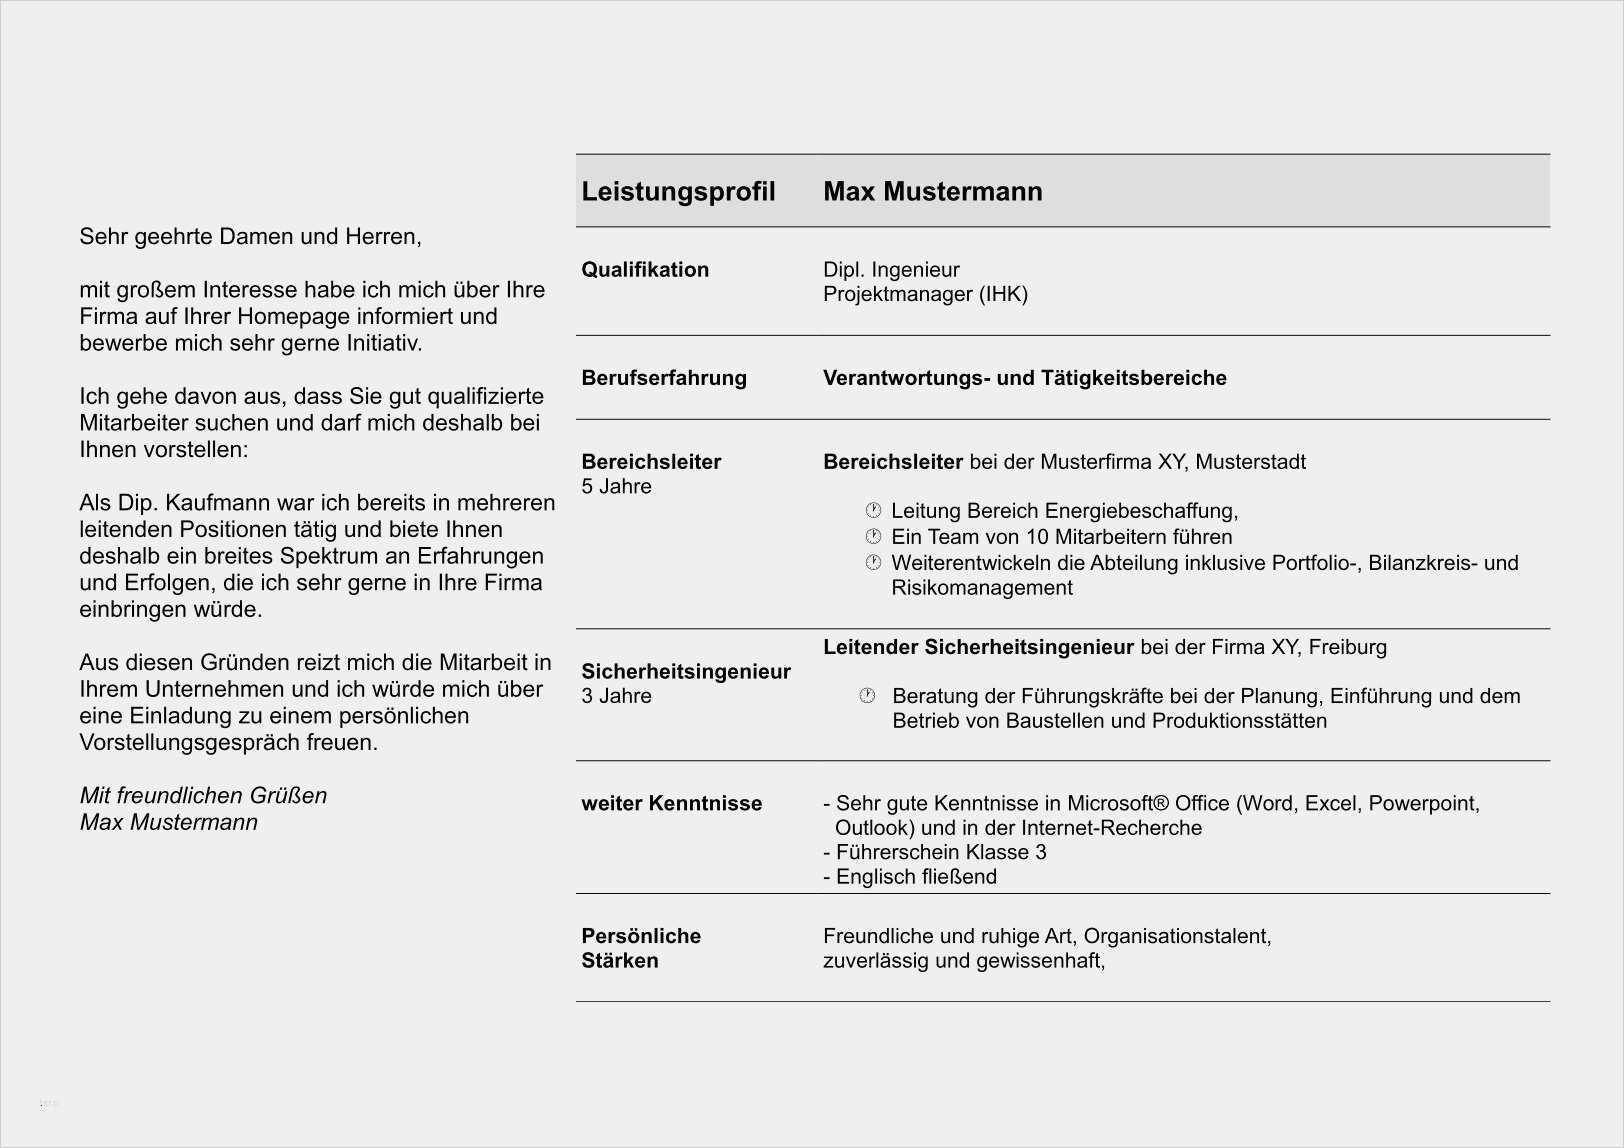 Hubsch Akademischer Lebenslauf Vorlage Abbildung Vorlagen Lebenslauf Lebenslauf Lebenslauf Muster